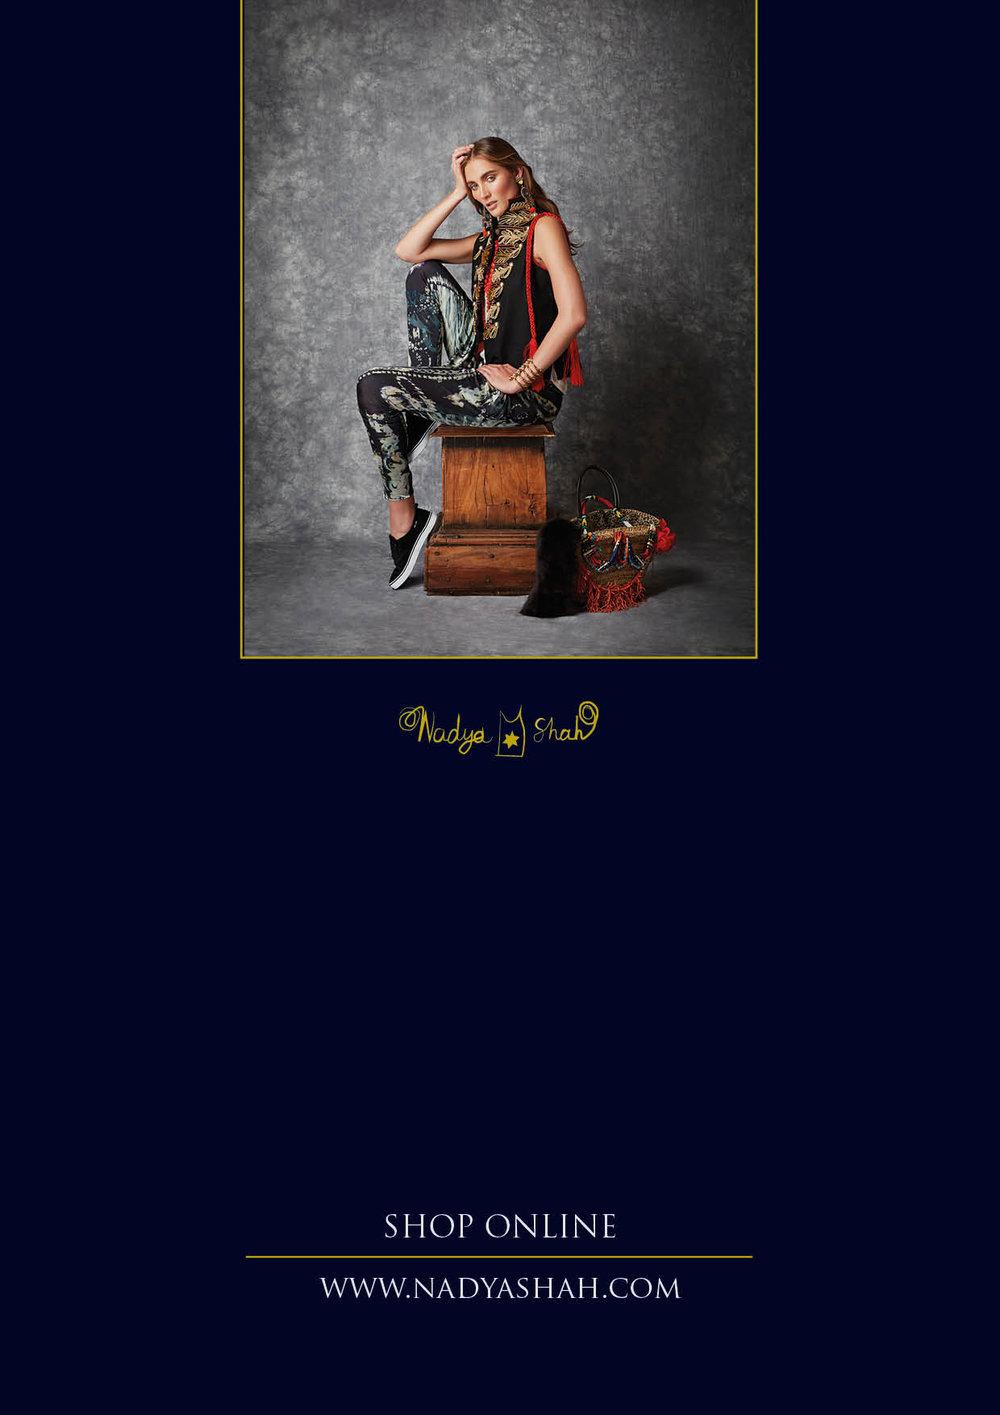 Nadya Shah Wanderlust Lookbook 2016_Inner_PRINT33.jpg